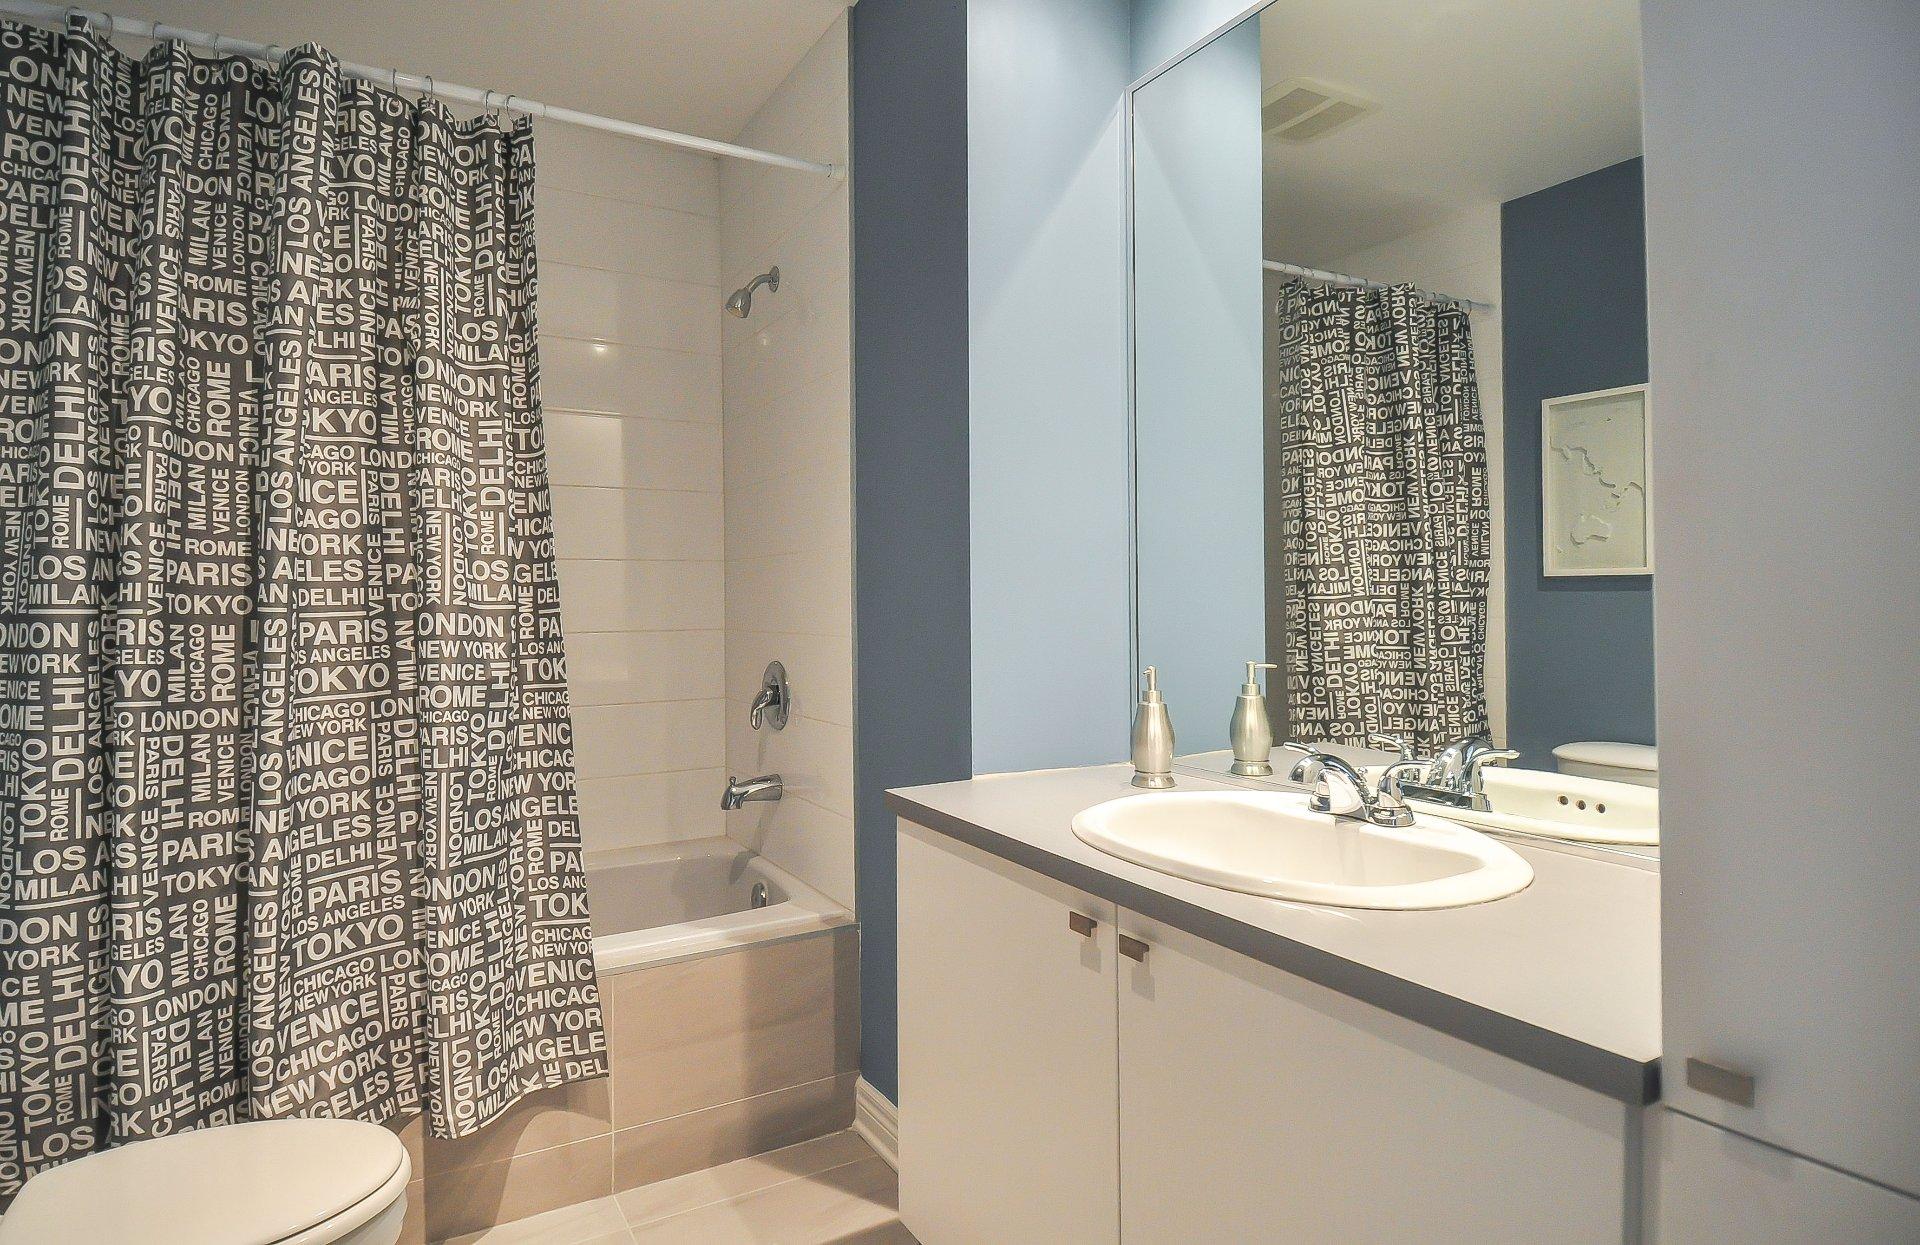 Notre dame bathroom accessories - Bathroom